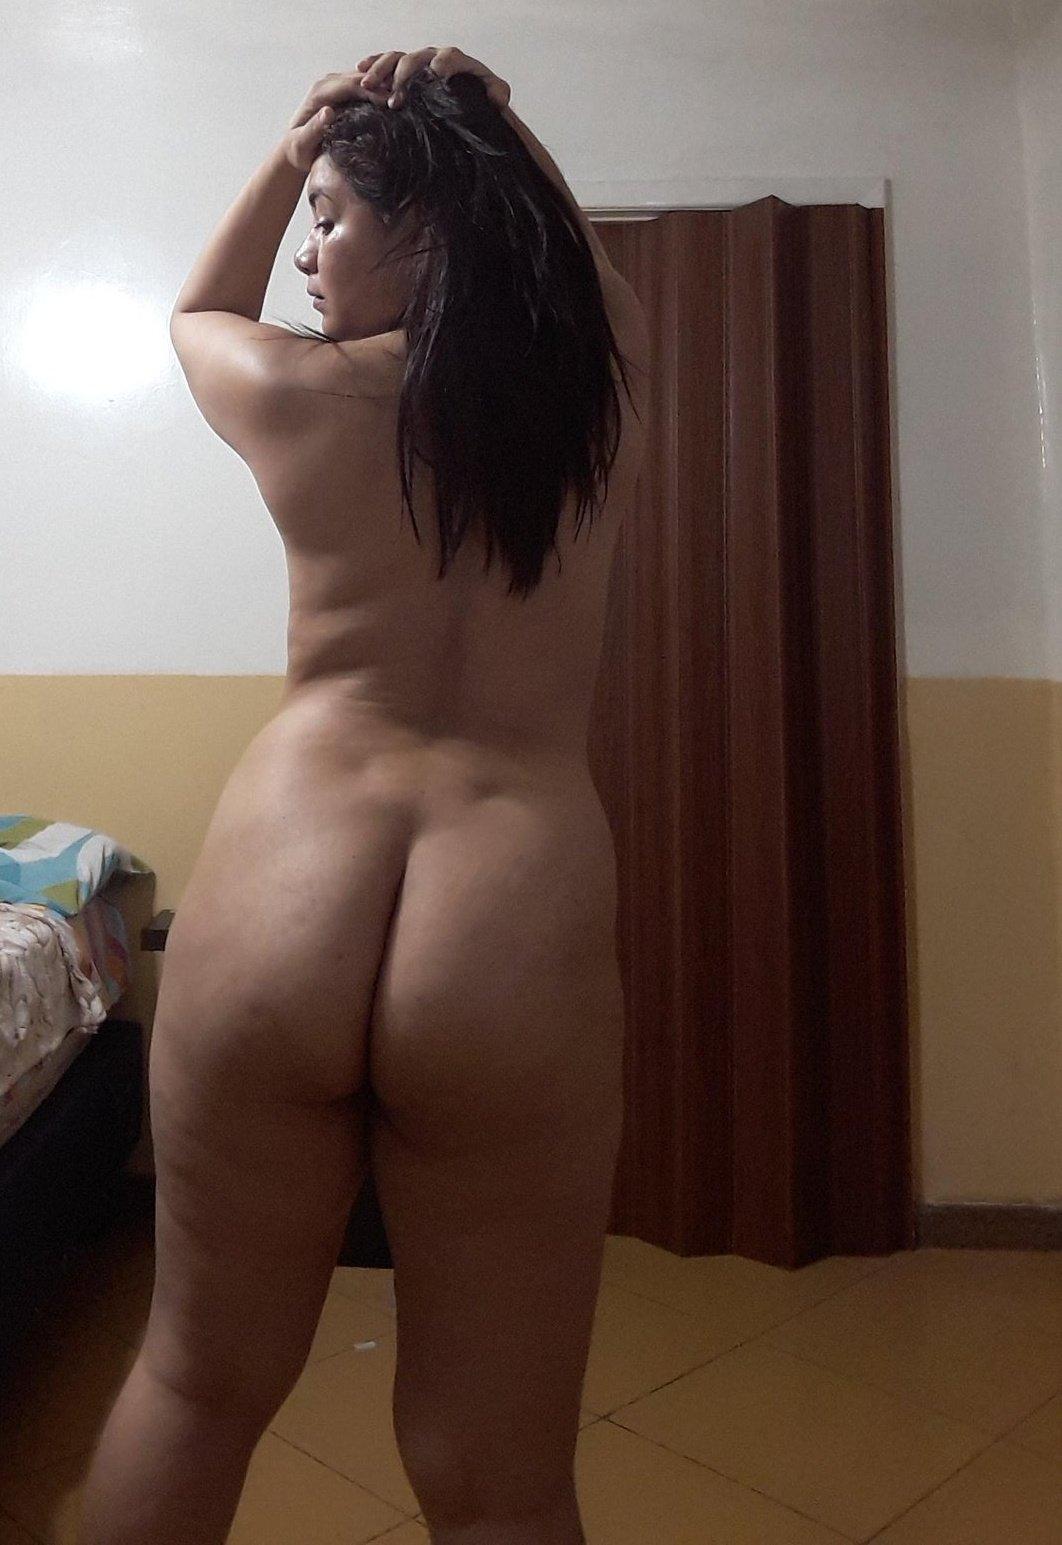 fotos xxx peludas, chicas peludas, fotos porno caseras